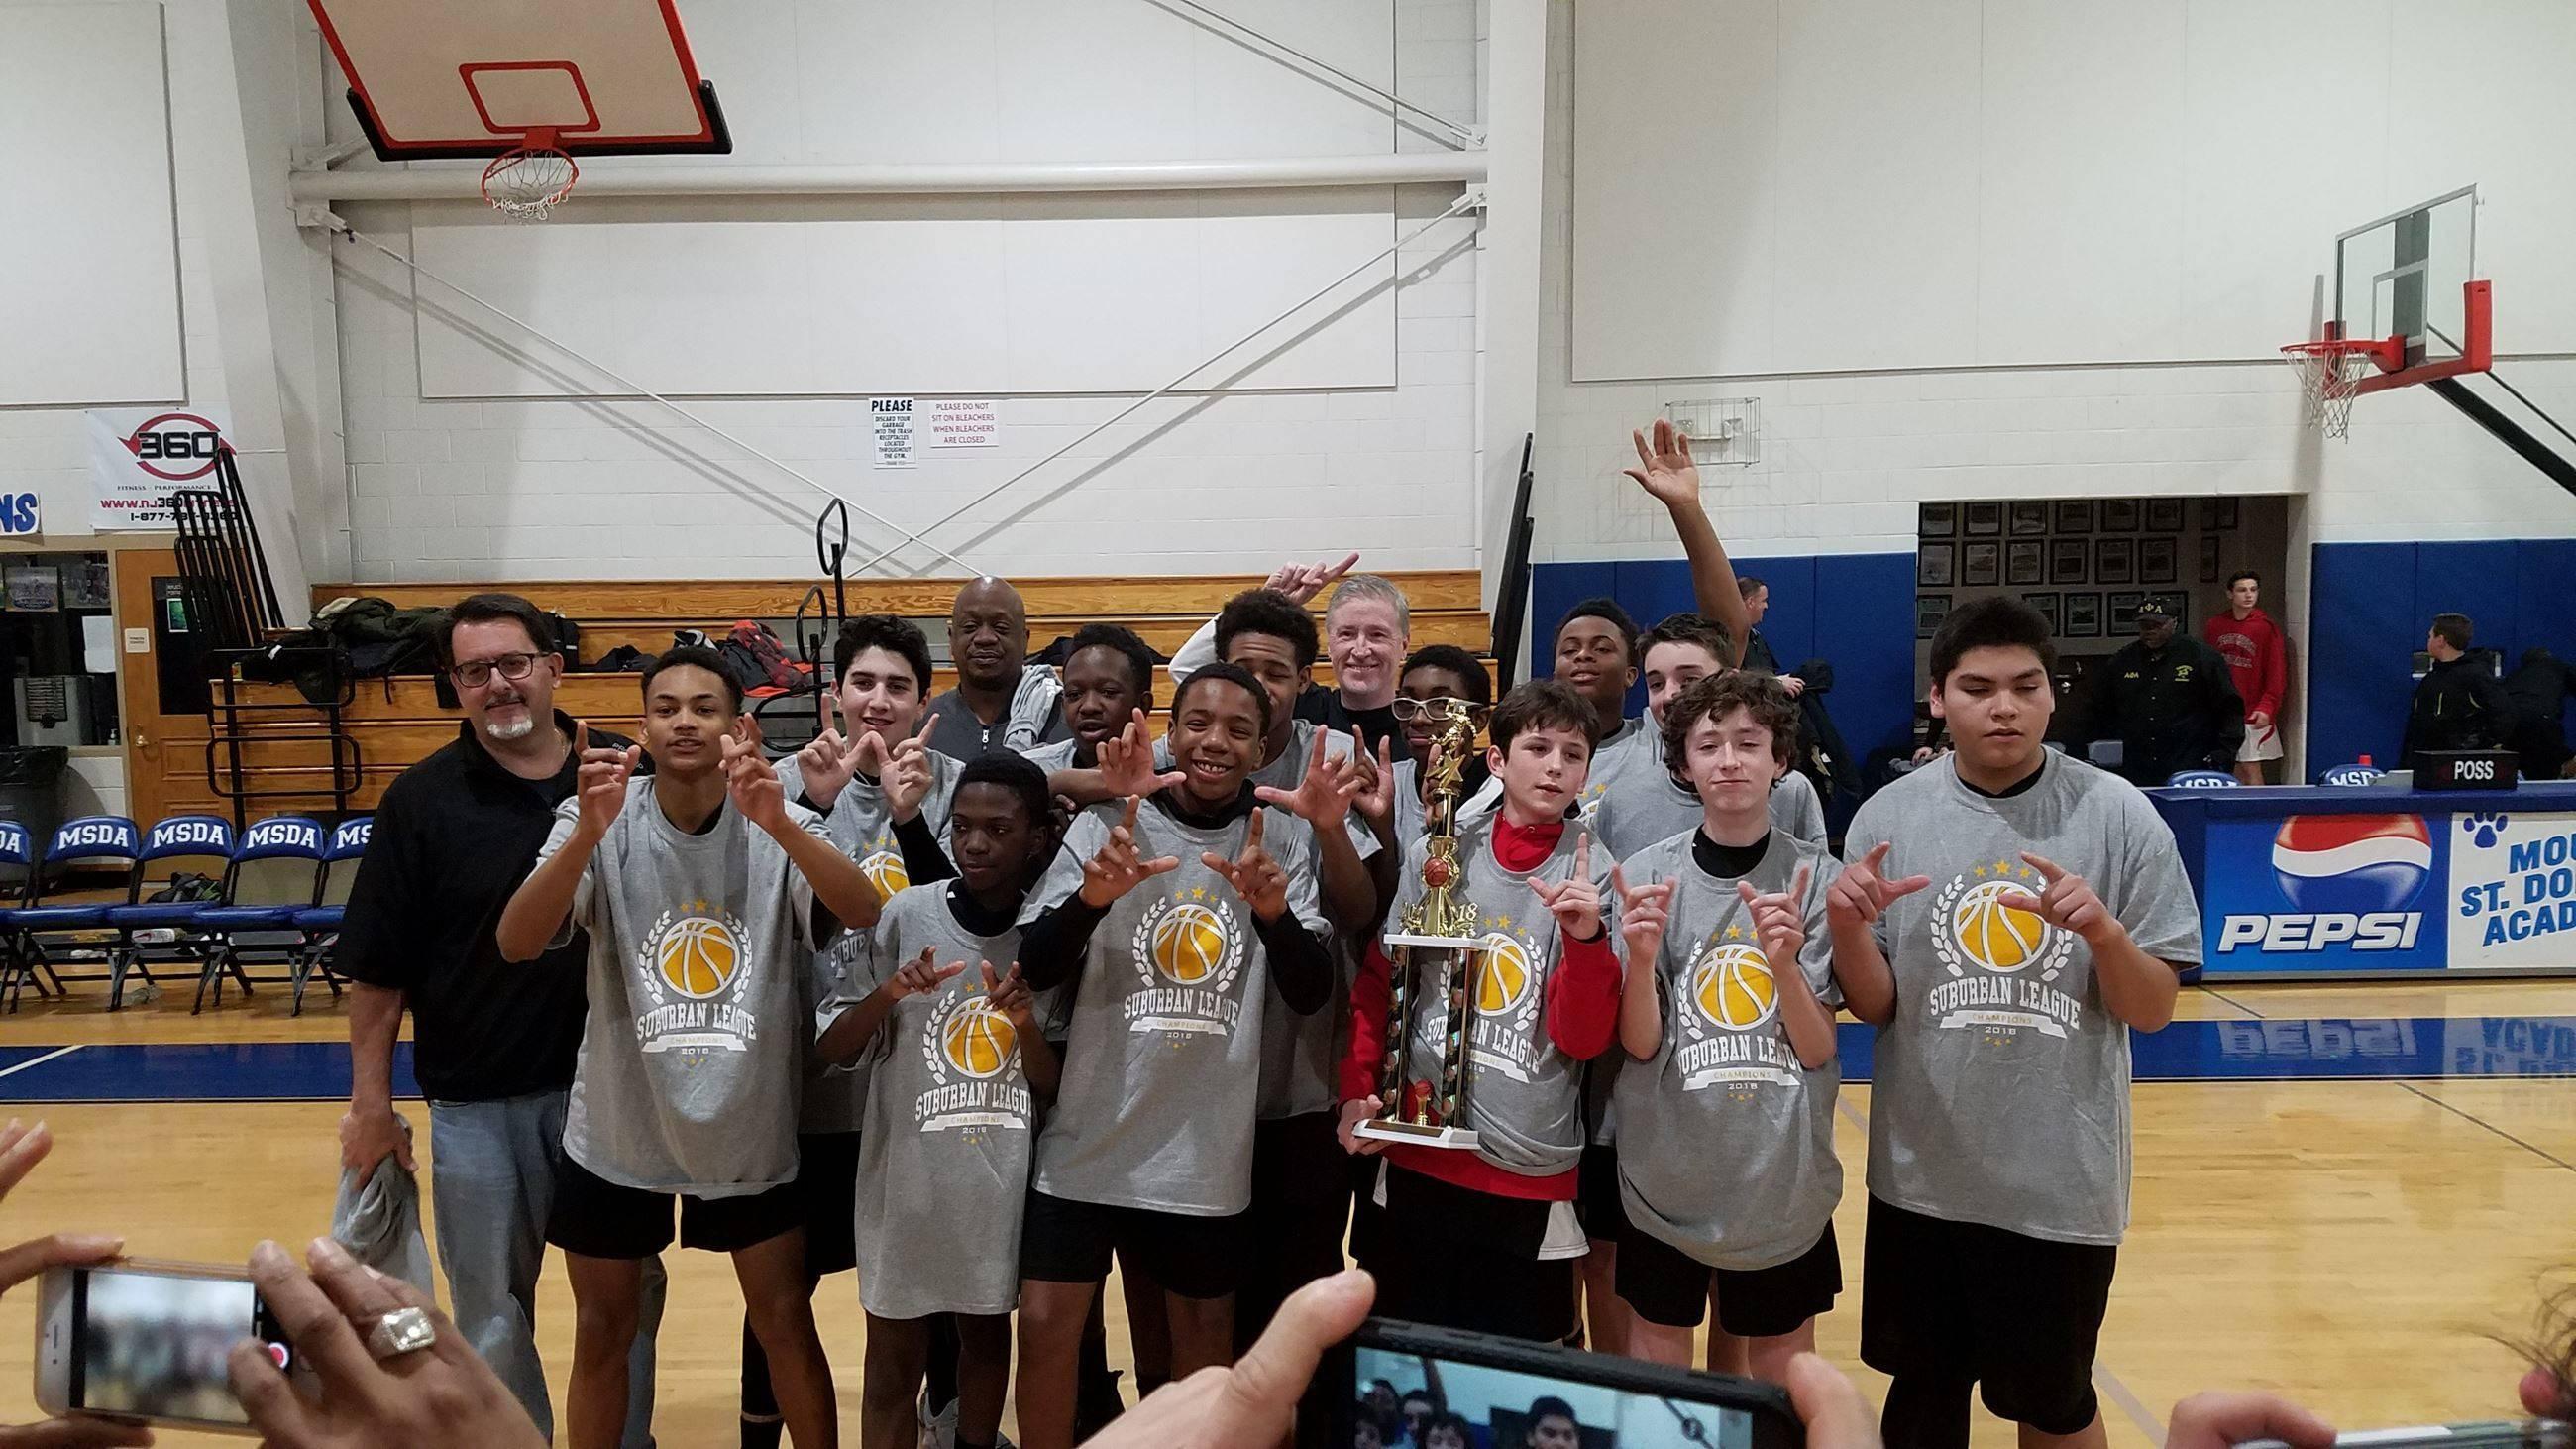 ffa0dea7463e8541e3af_south_orange_boys_basketball.jpg